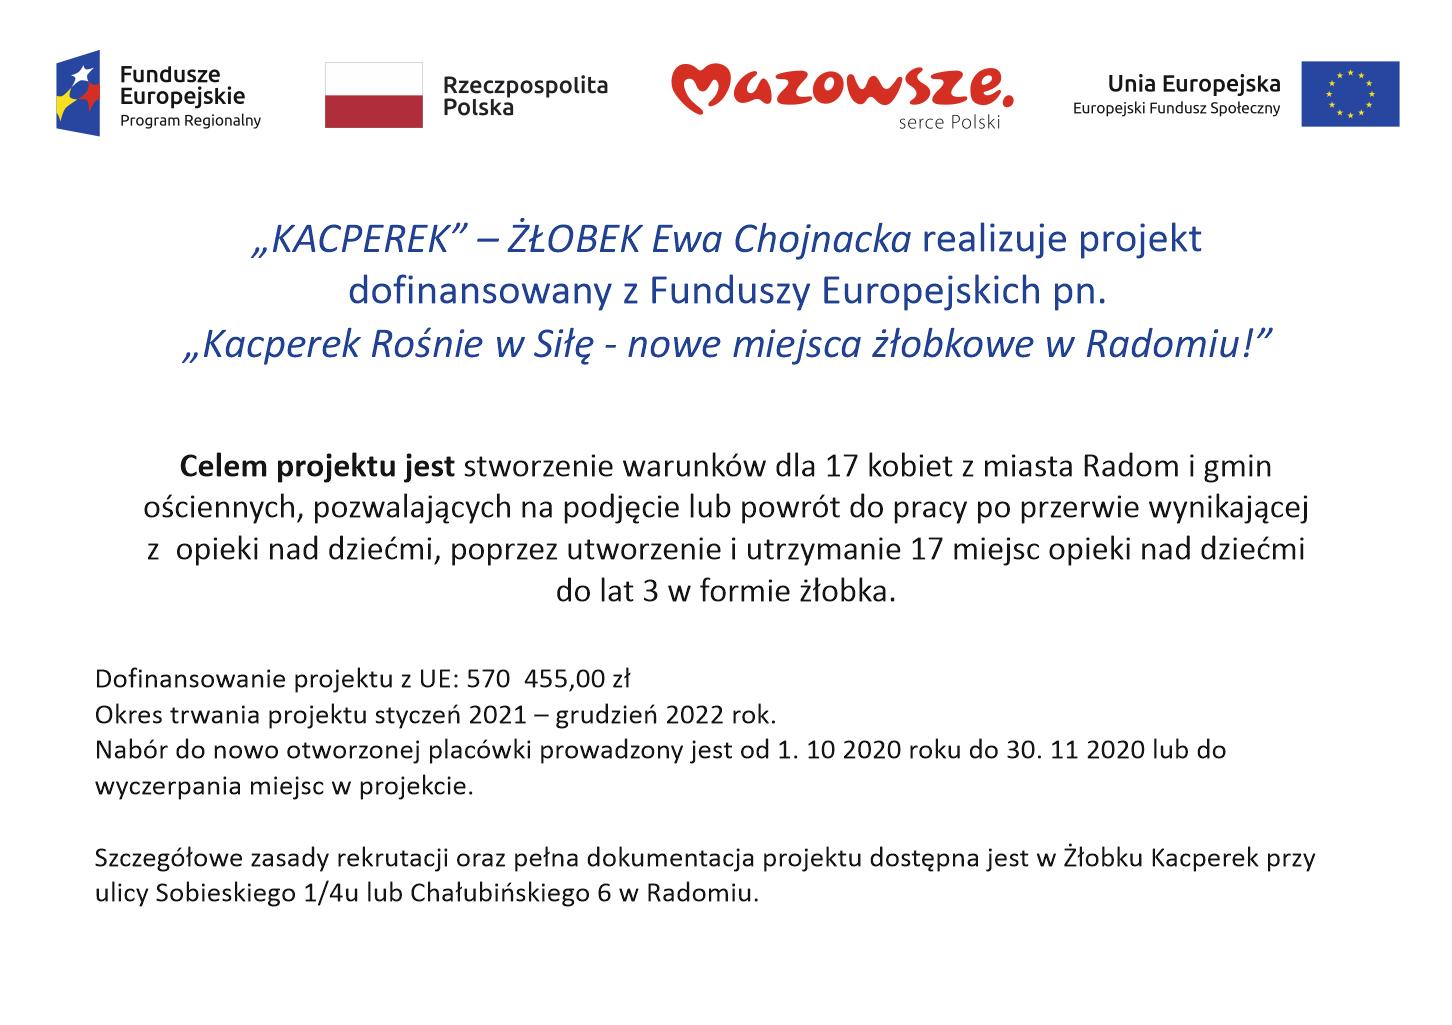 Projekt z Funduszy Europejskich